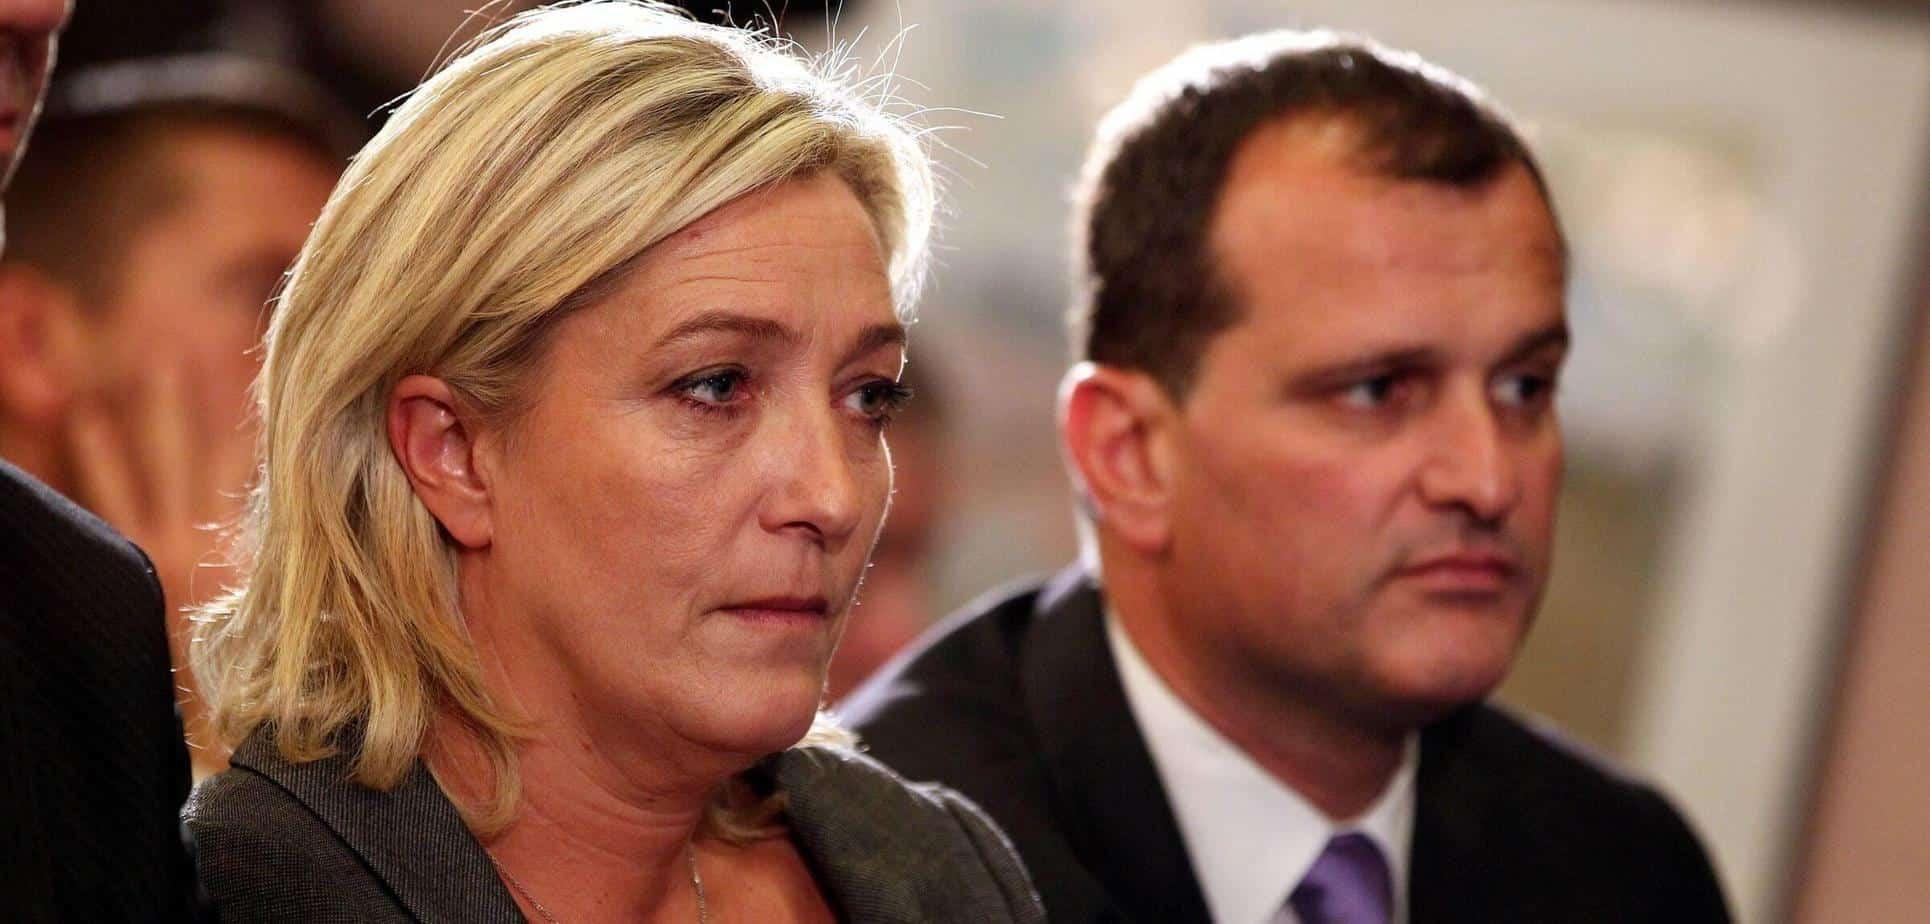 Ex Mari de Marine Le Pen